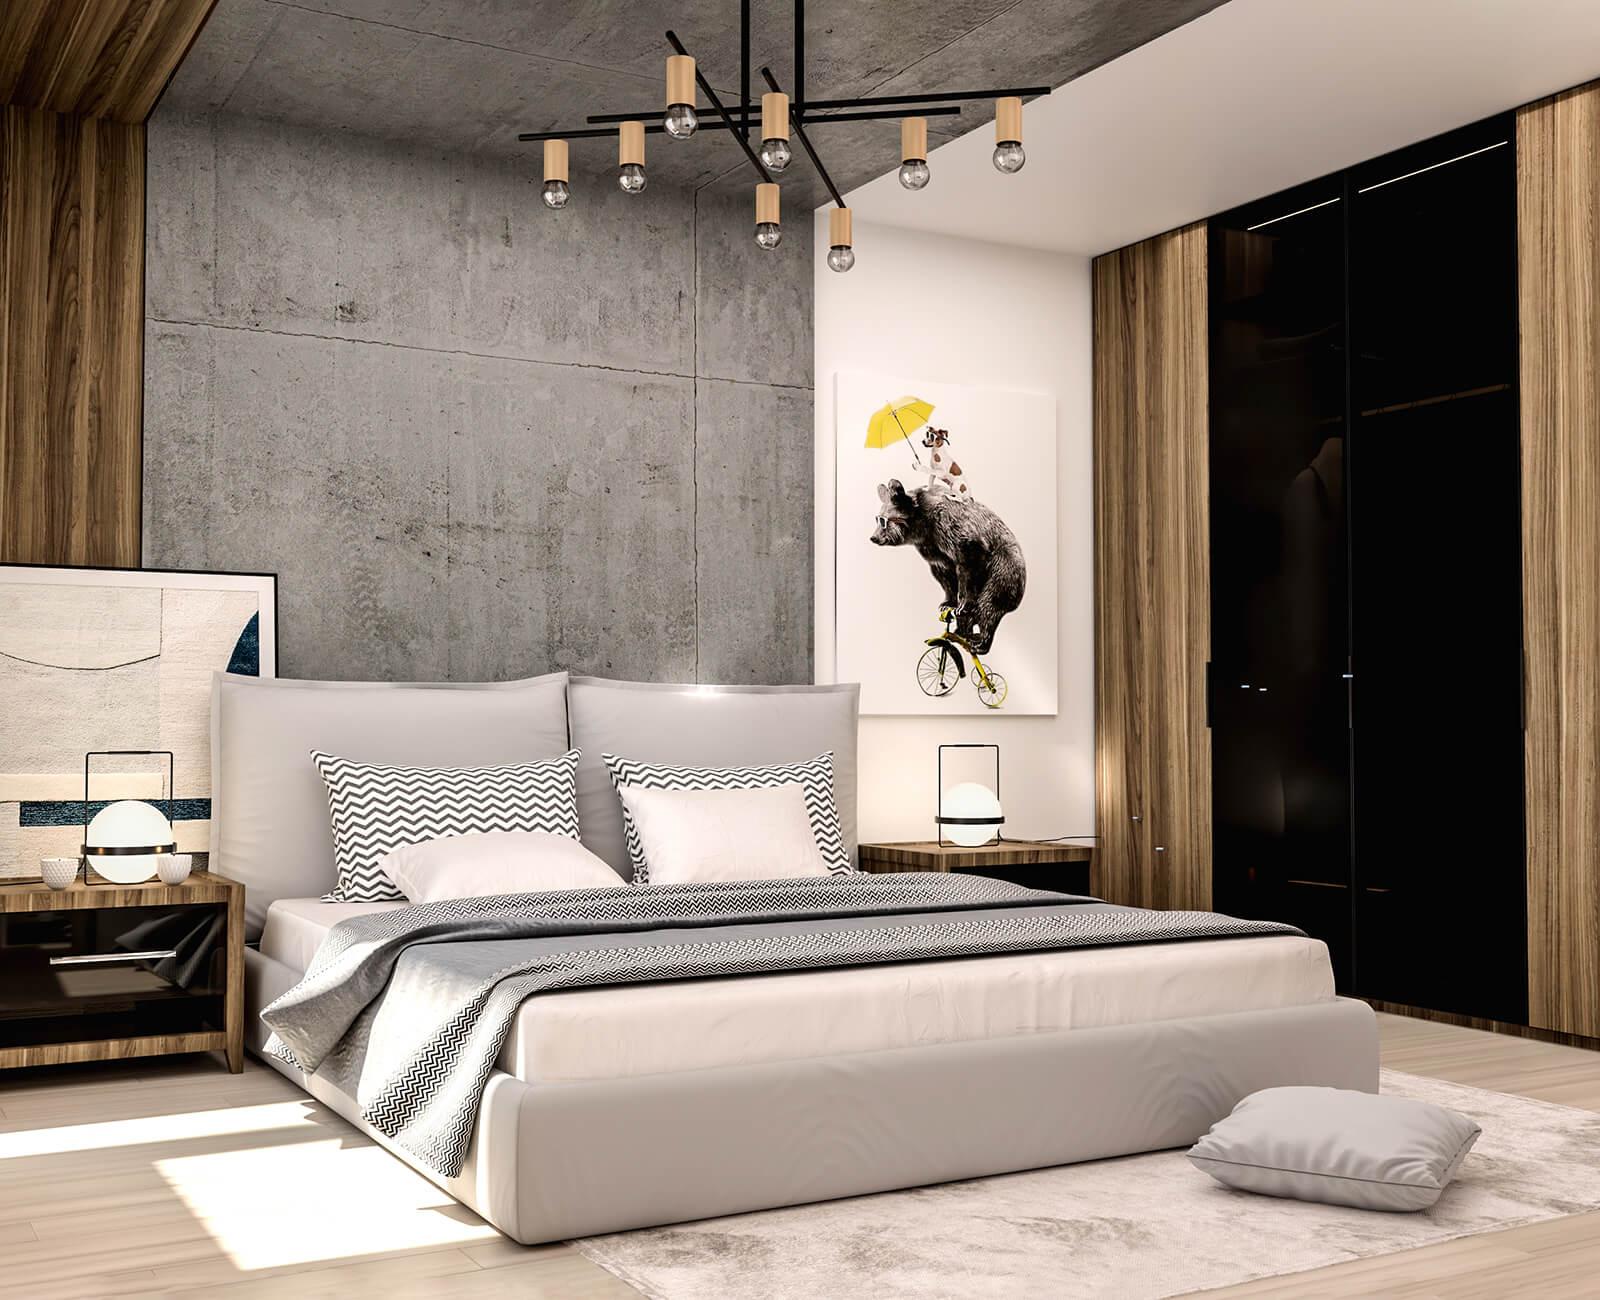 interioren-dizain-proekt-na-roditelska-spalnya (1)